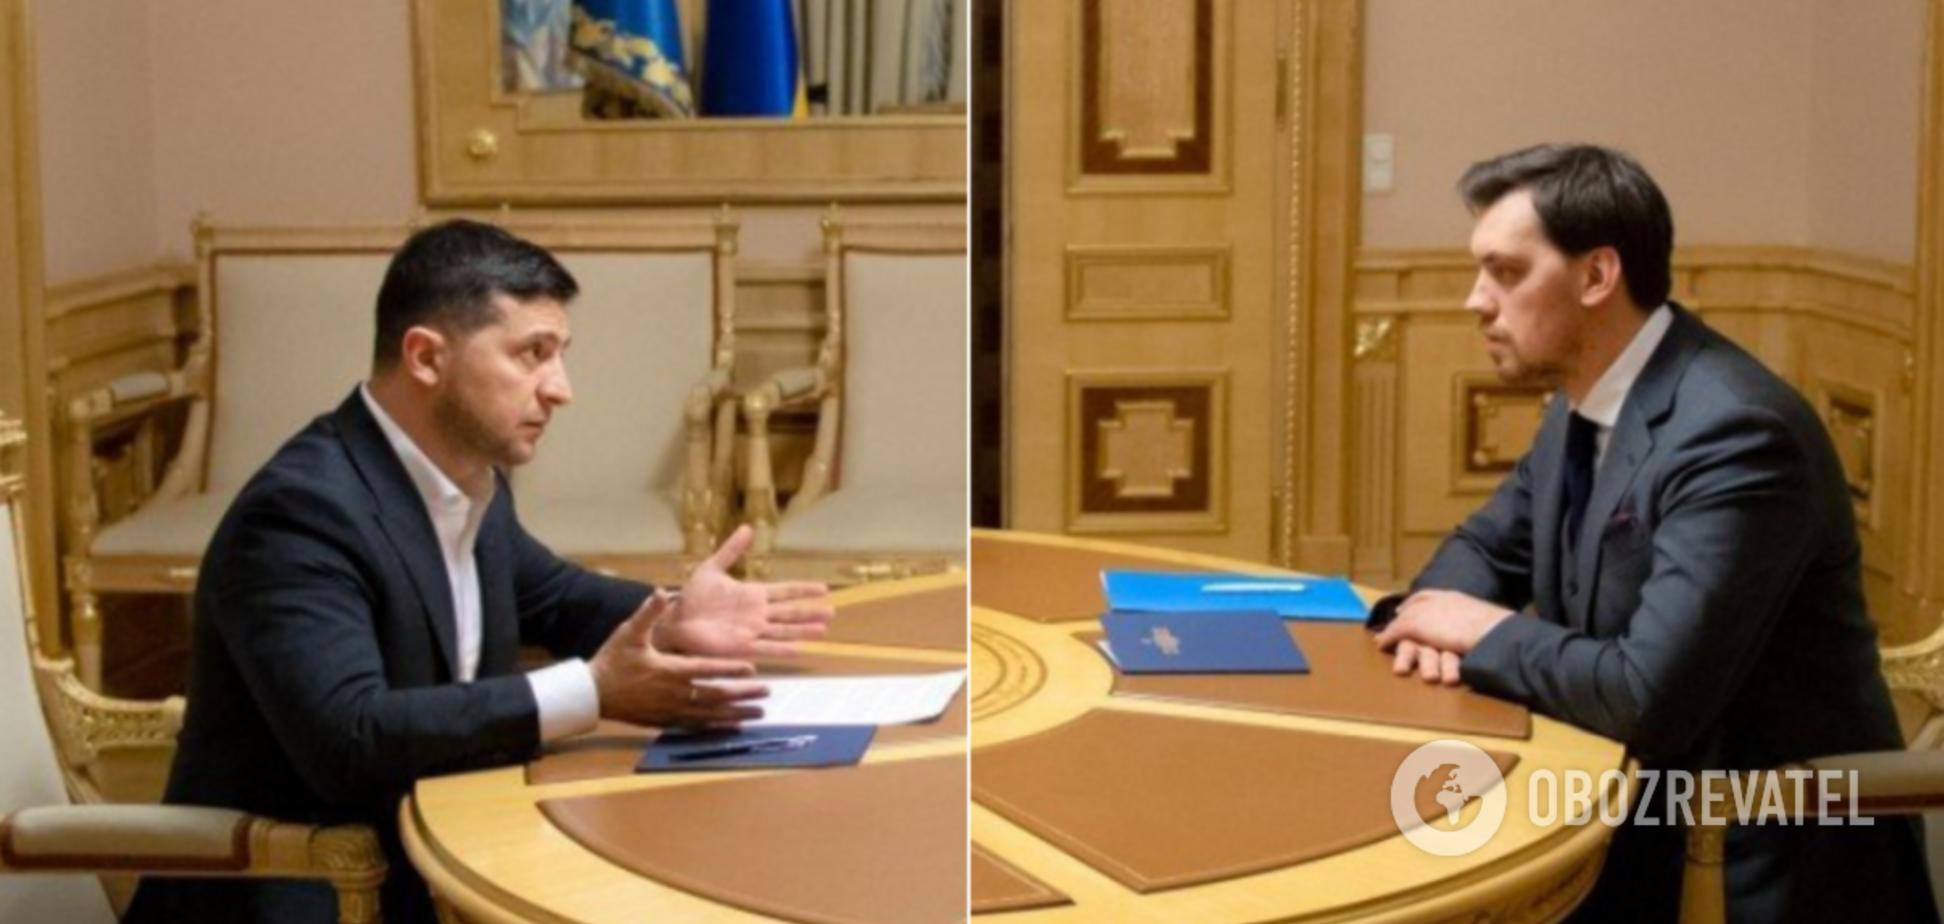 Мережу підірвали пародії на тет-а-тет Зеленського і Гончарука